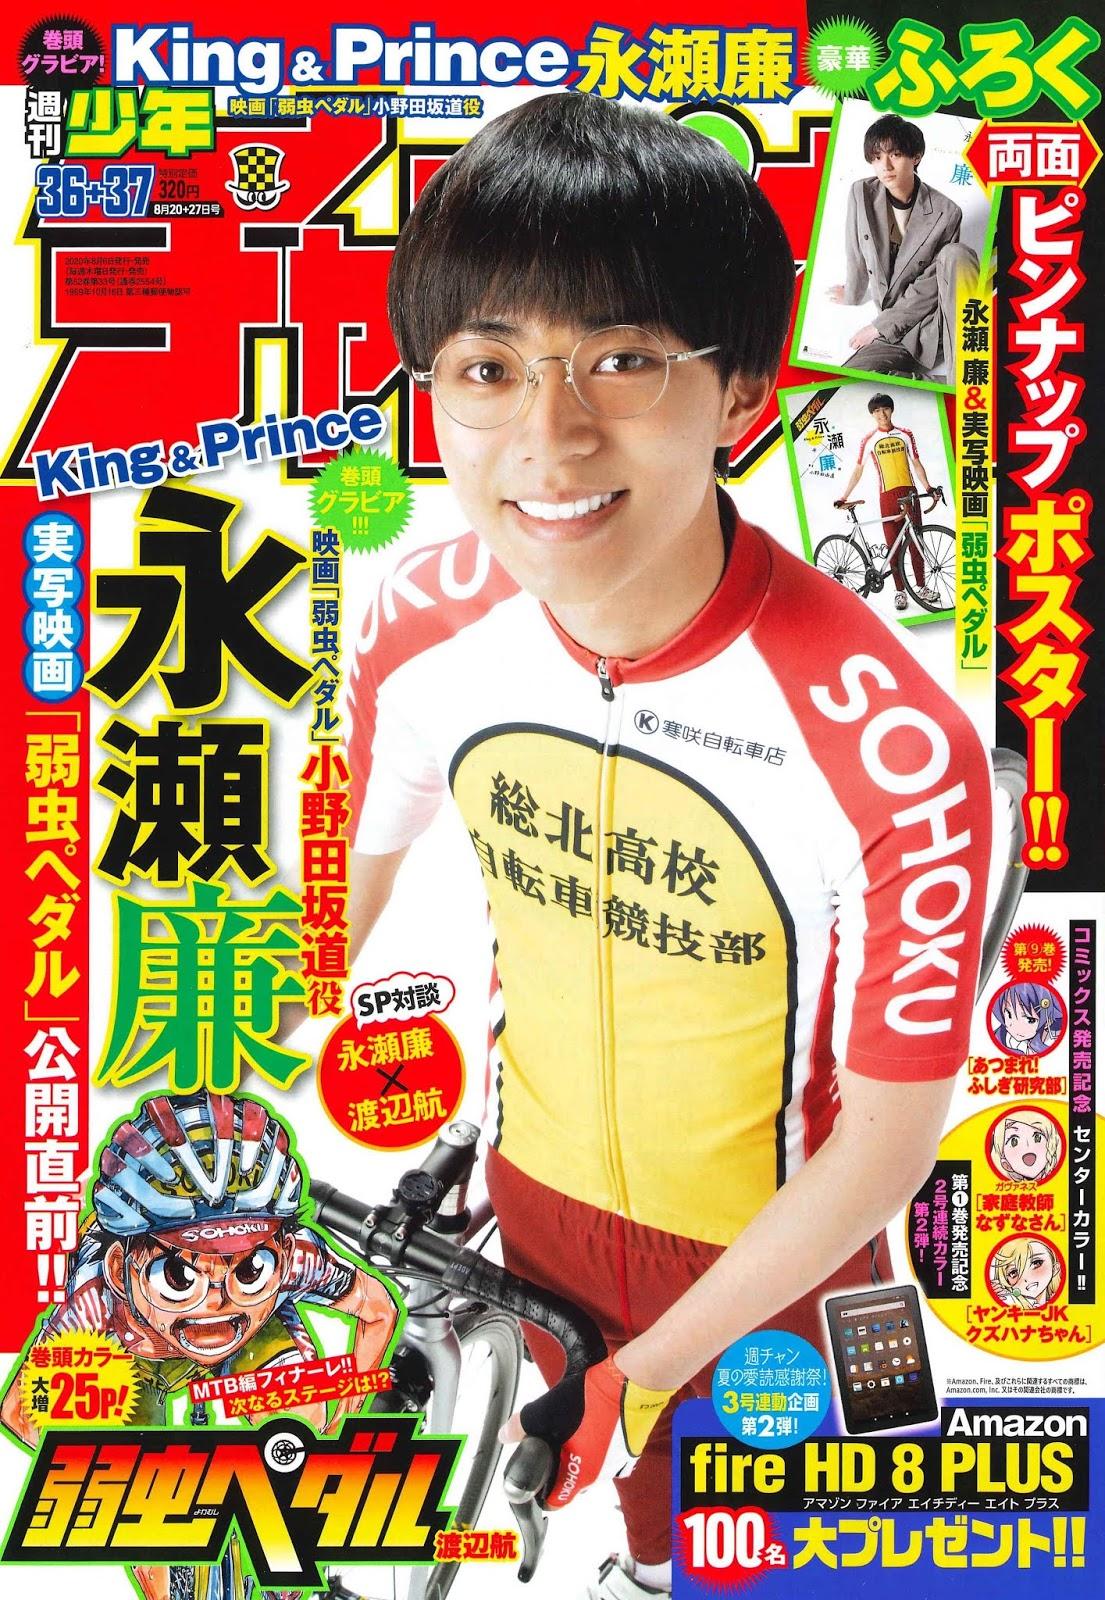 週刊少年チャンピオン 2020年36・37号 [Weekly Shonen Champion 2020 No.36-37 RAR]